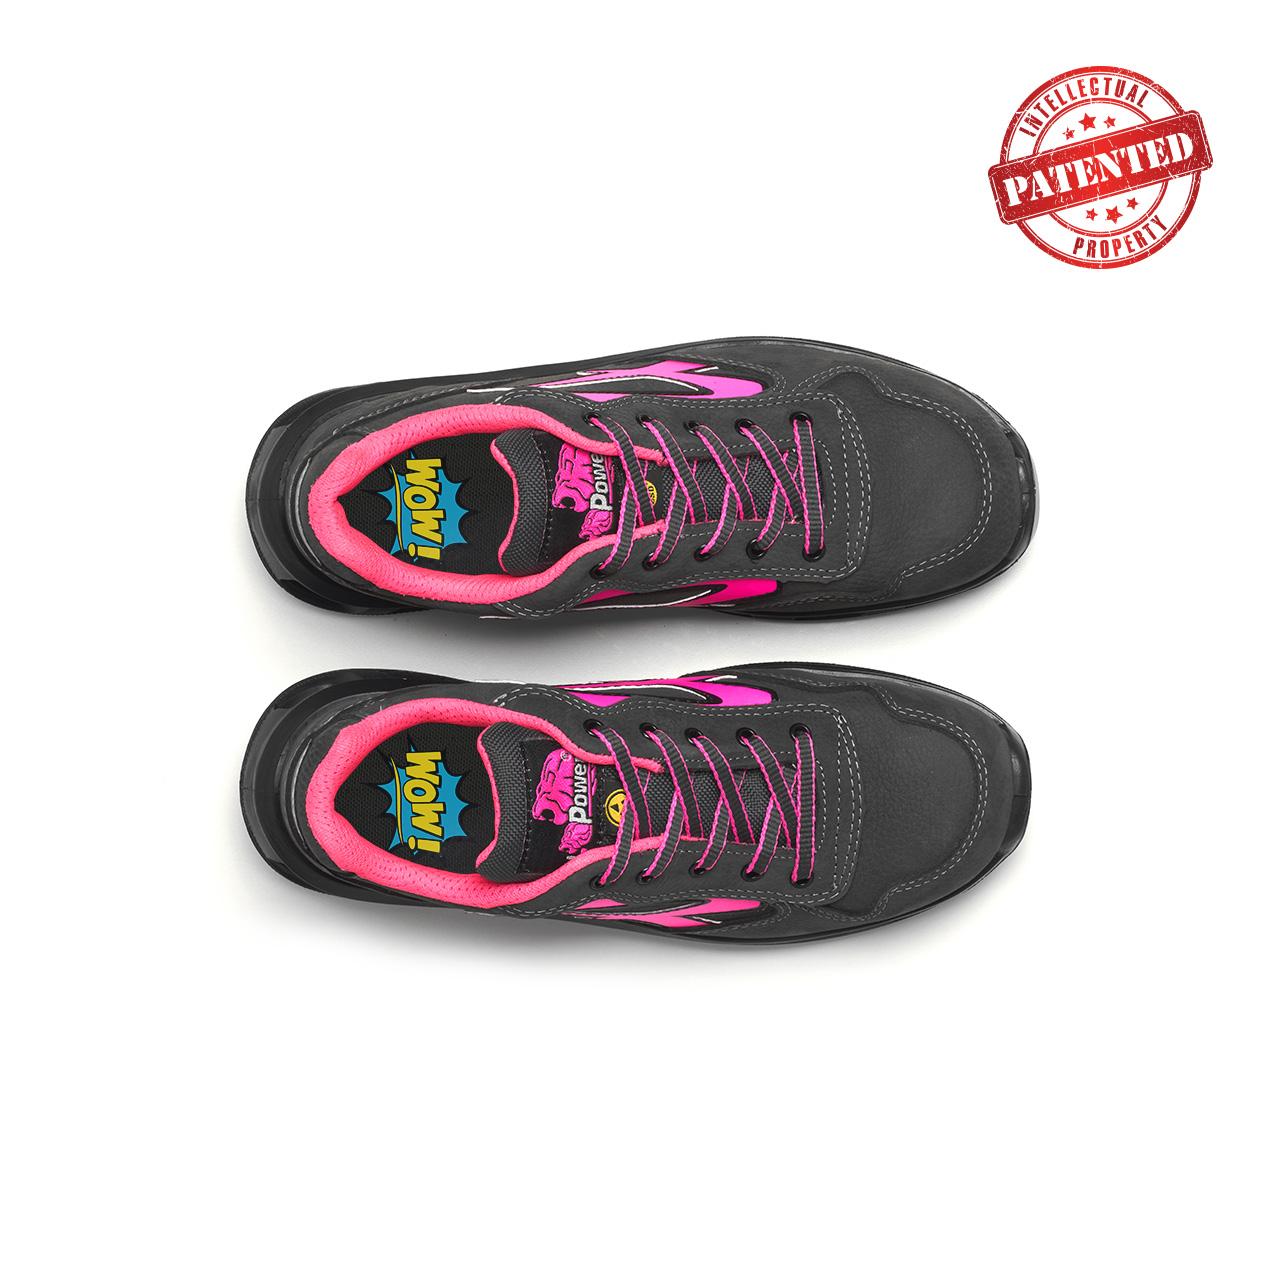 paio di scarpe antinfortunistiche upower modello candy linea redlion vista top